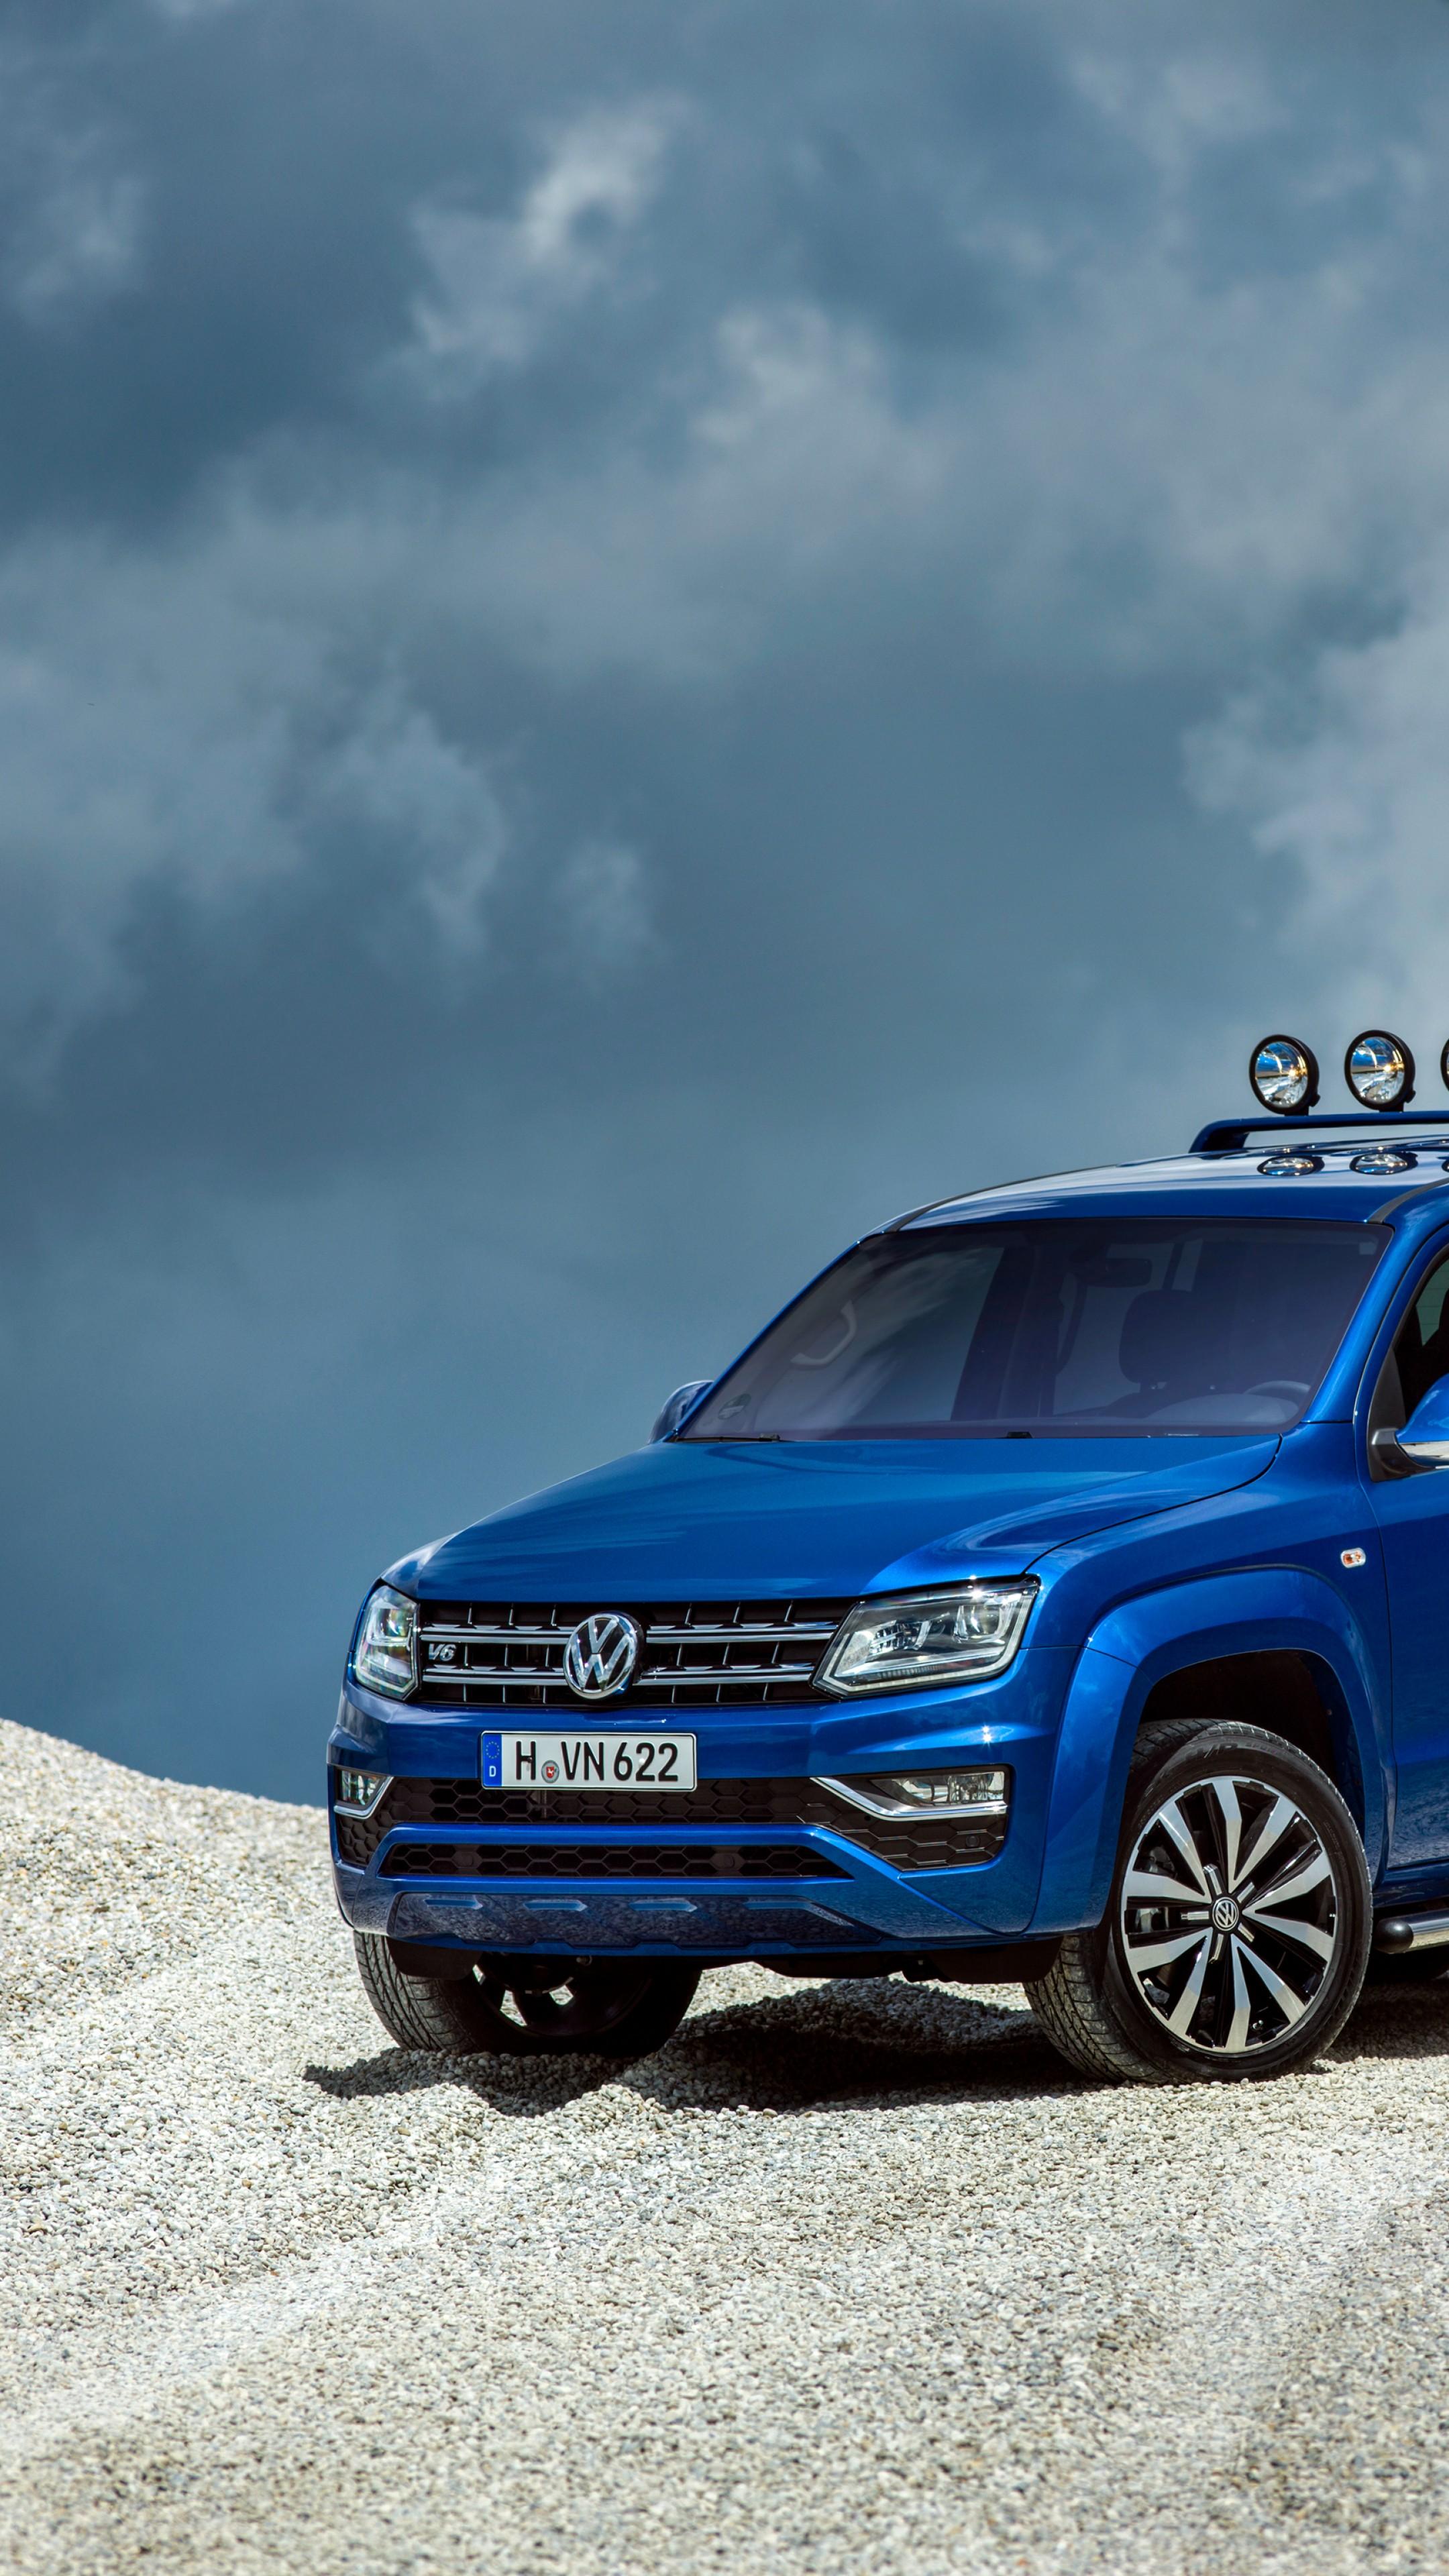 Wallpaper Volkswagen Amarok Double Cab Aventura pick up blue 2160x3840